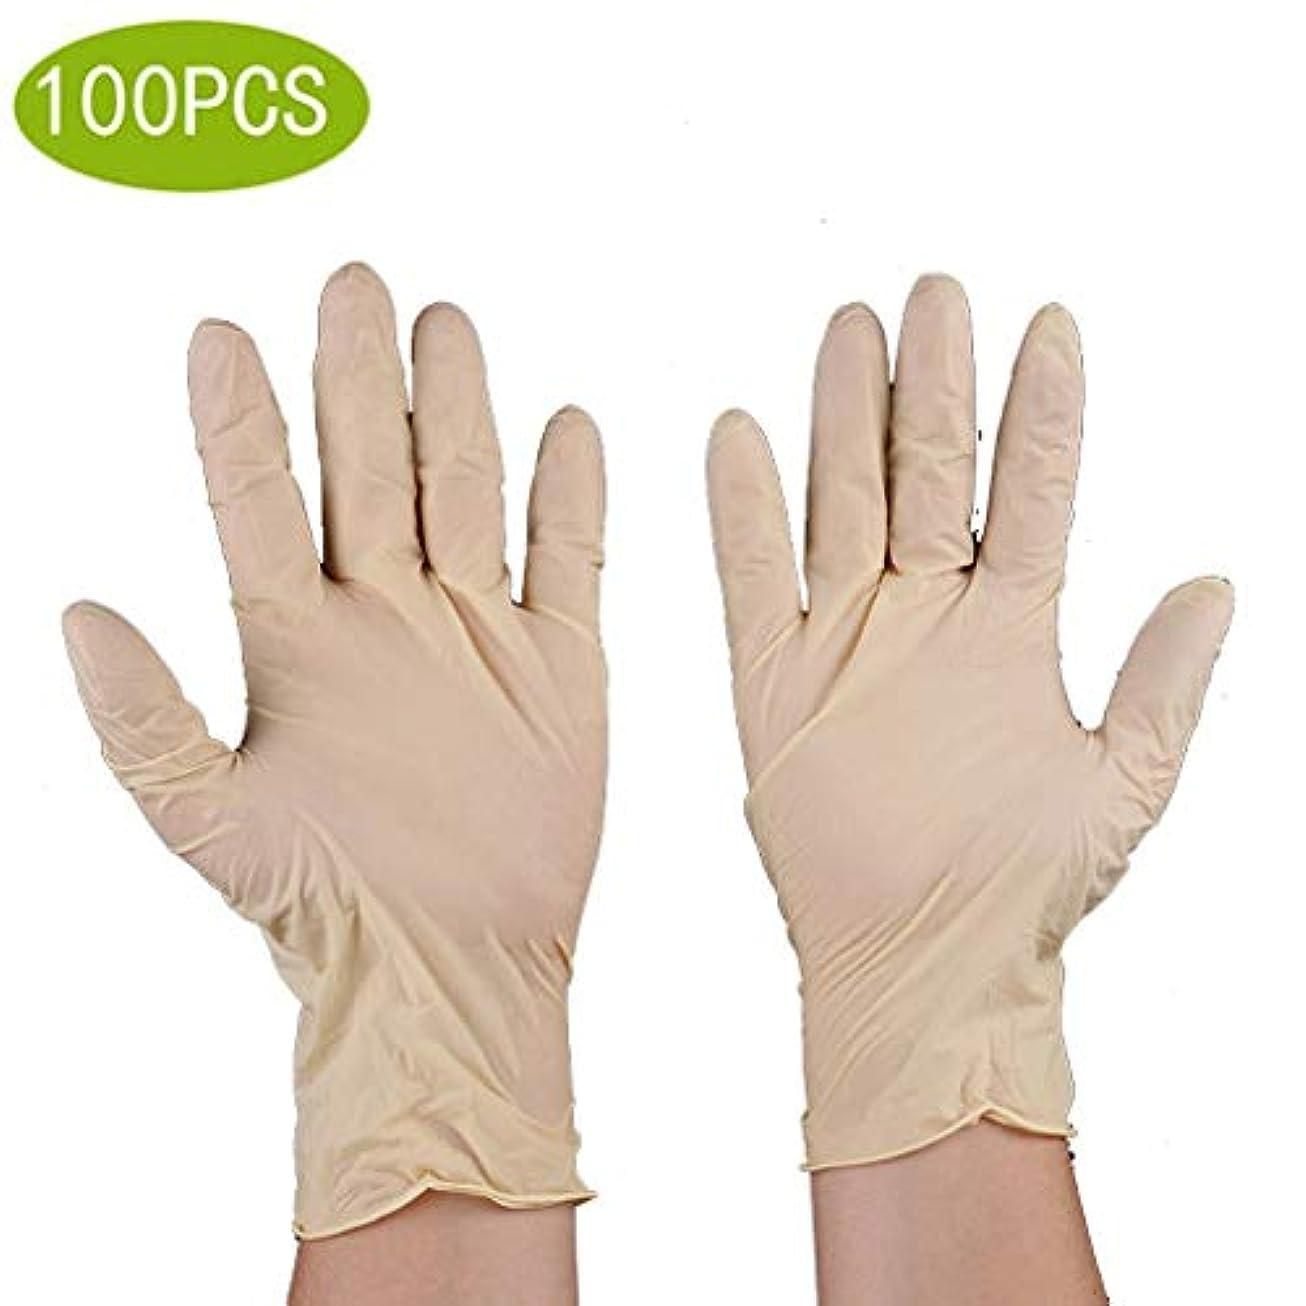 一時停止オセアニア幸運な使い捨て手袋食品ケータリング手術丁清ゴム労働保護ラテックス肌キッチン厚い試験/食品グレード安全用品、使い捨てハンドグローブディスペンサー[100個] (Size : S)